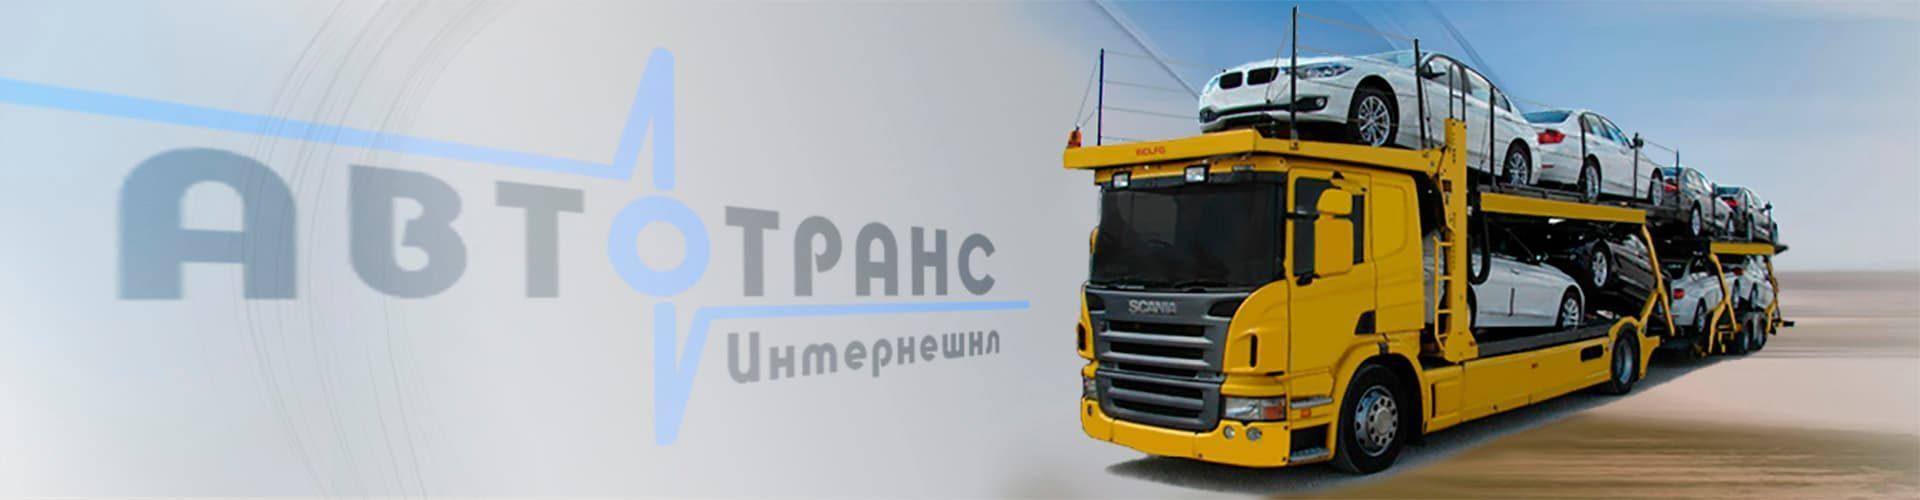 Перевозка автомобилей - услуги автовоза